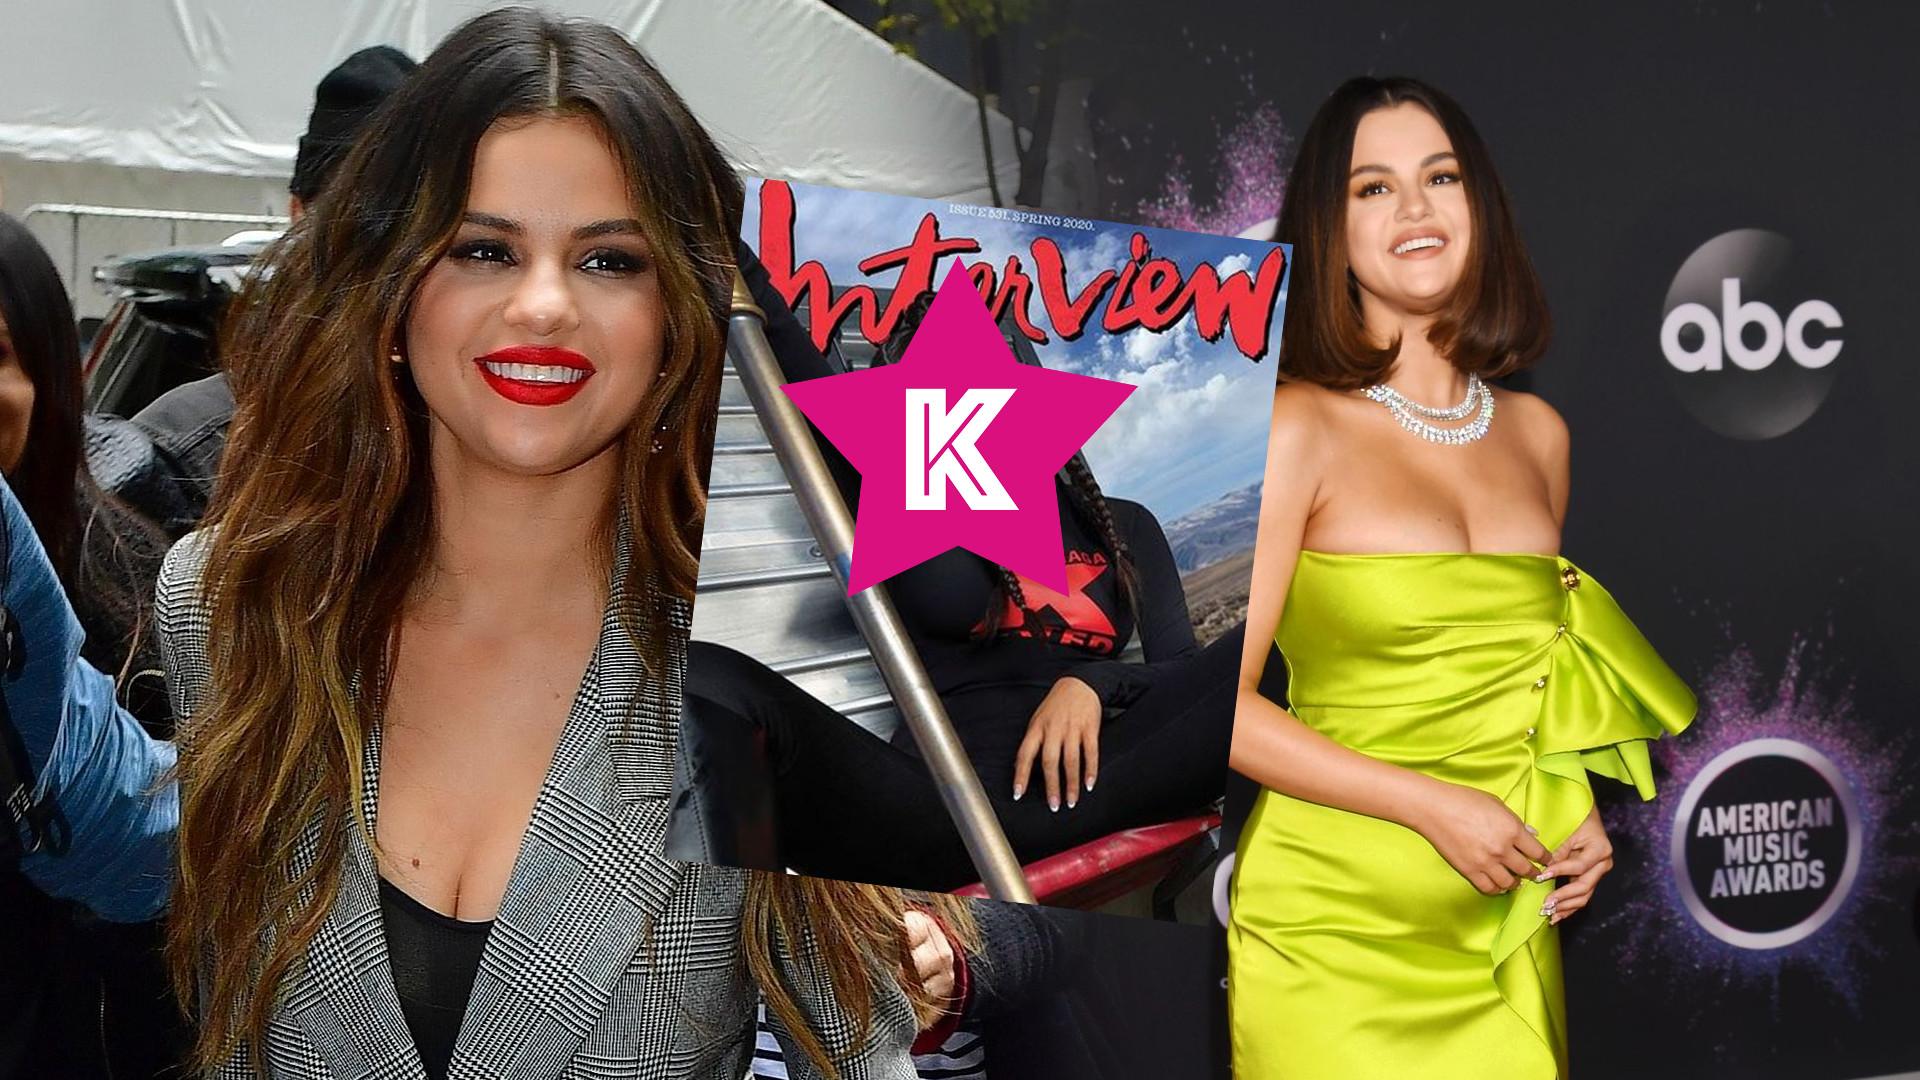 Całkowicie odmieniona Selena Gomez na okładce magazynu. Ciężko poznać, że to w ogóle ONA